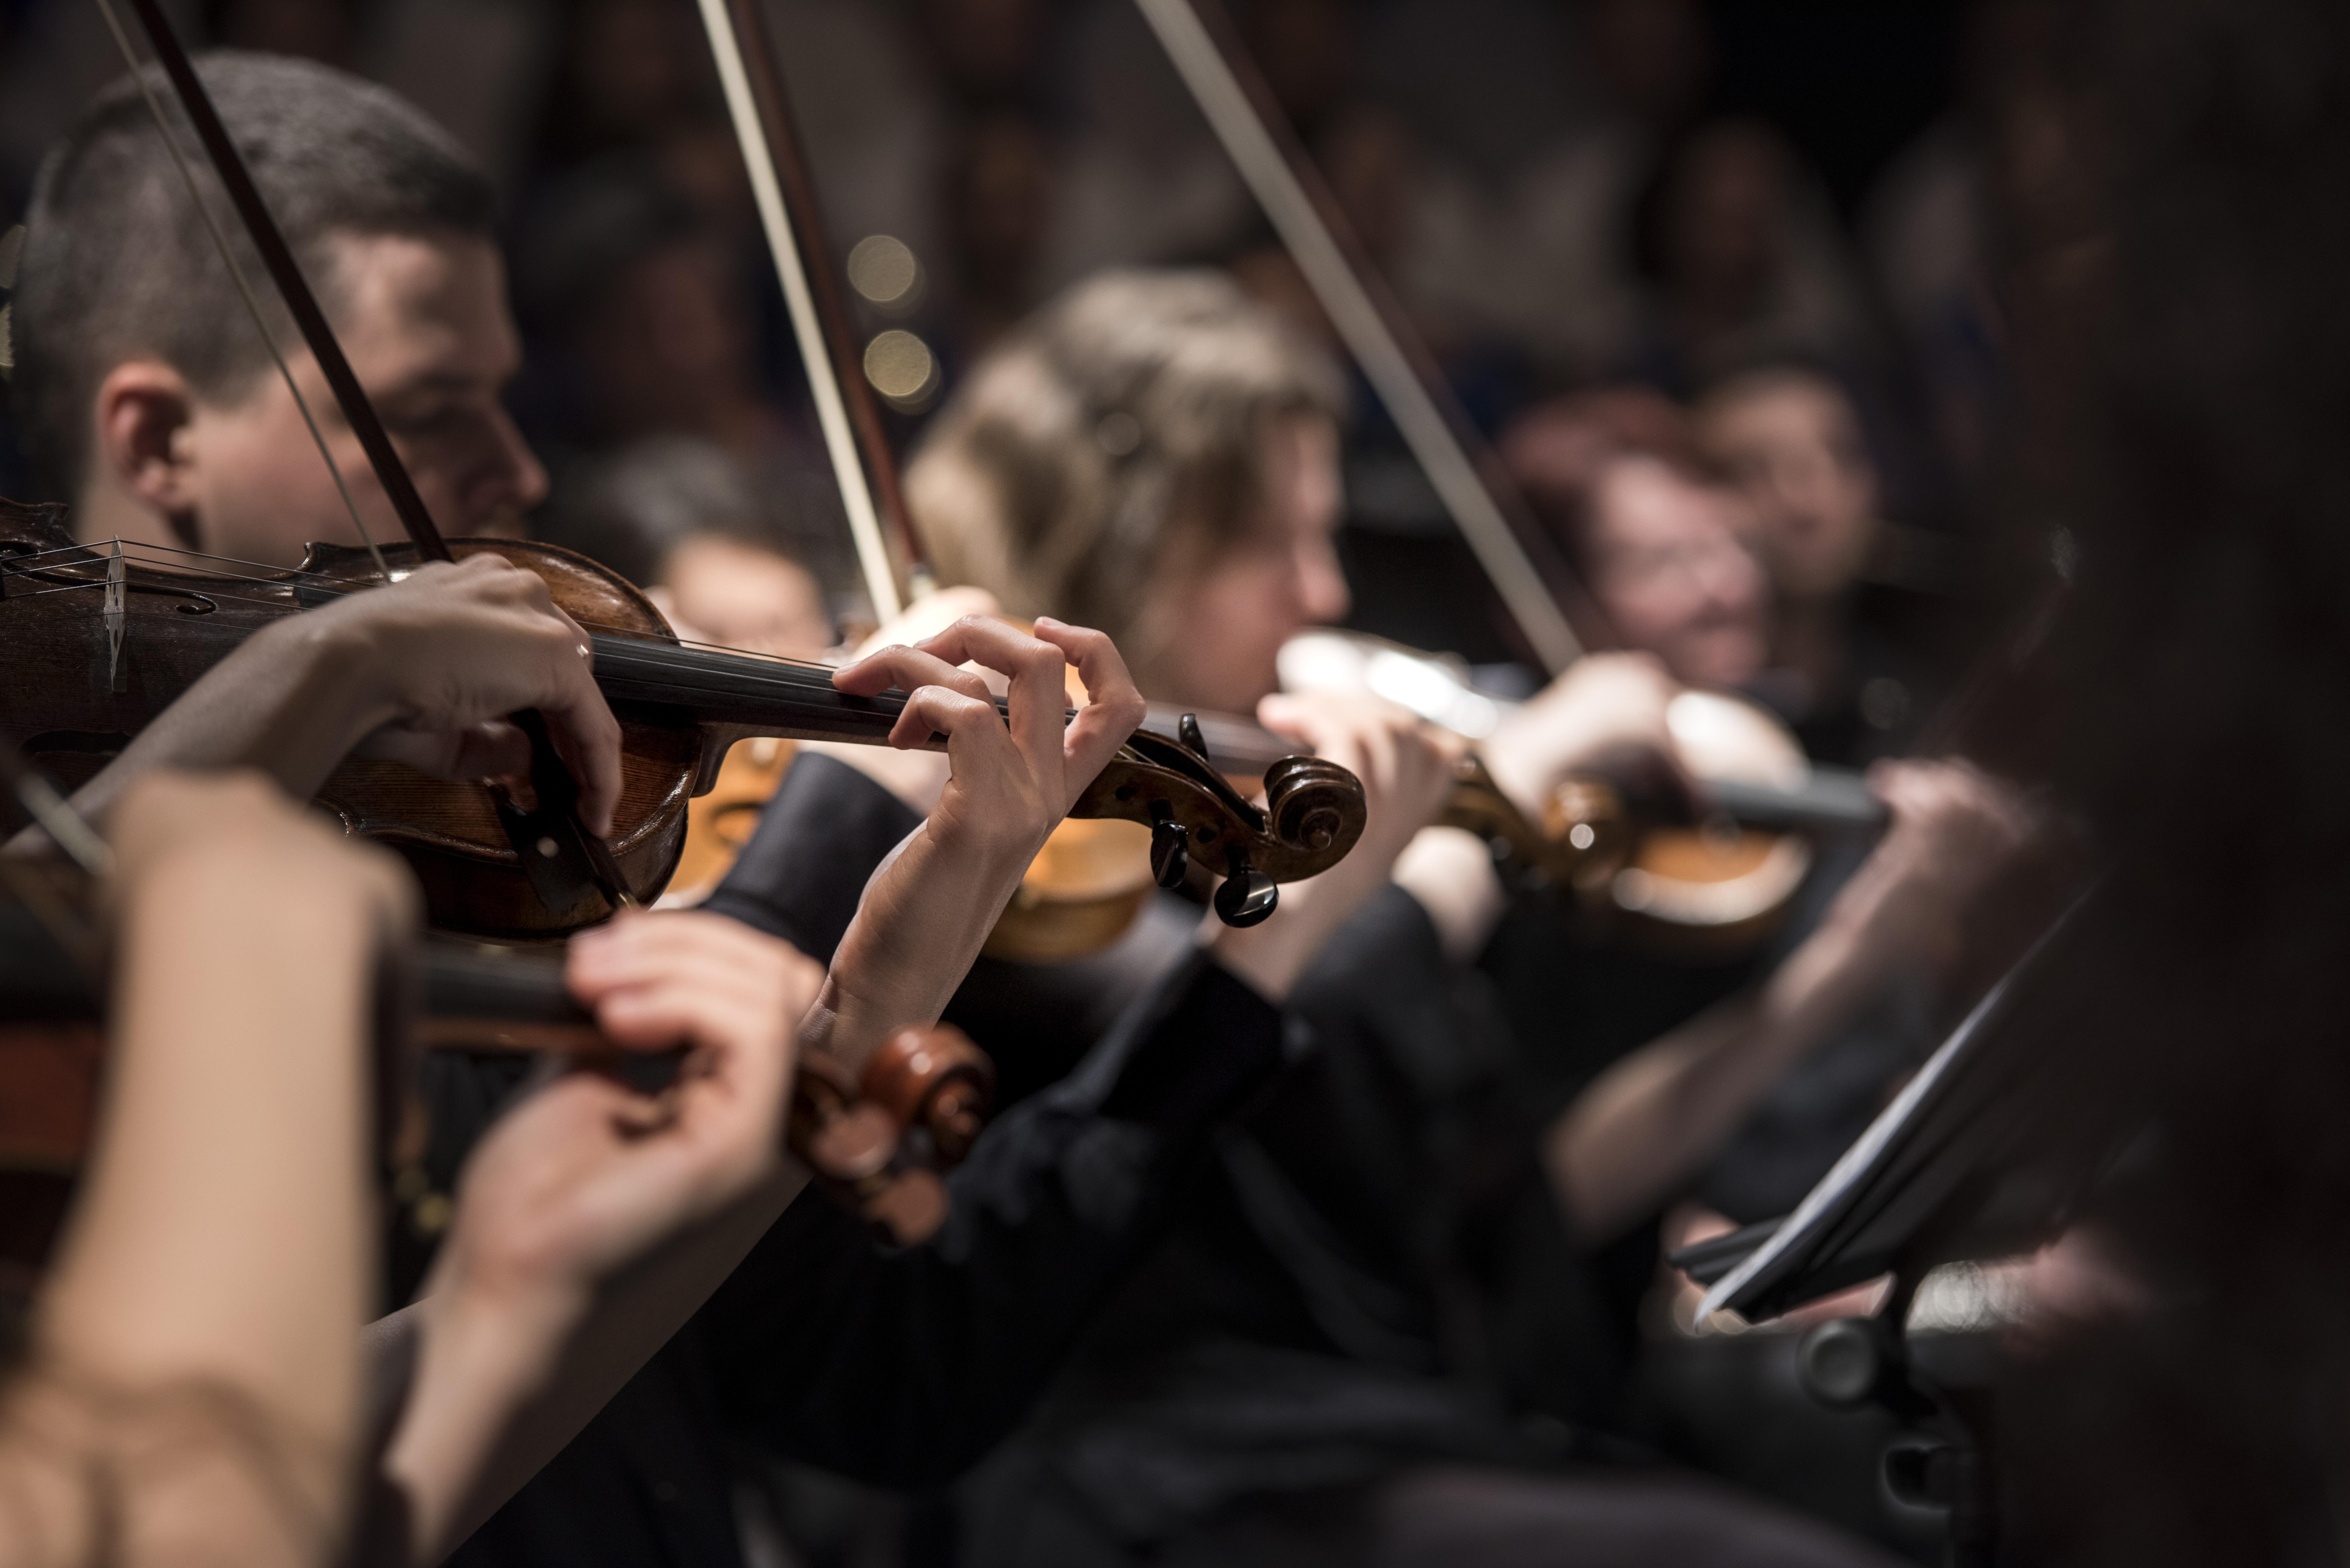 Geigenspielendes Orchester